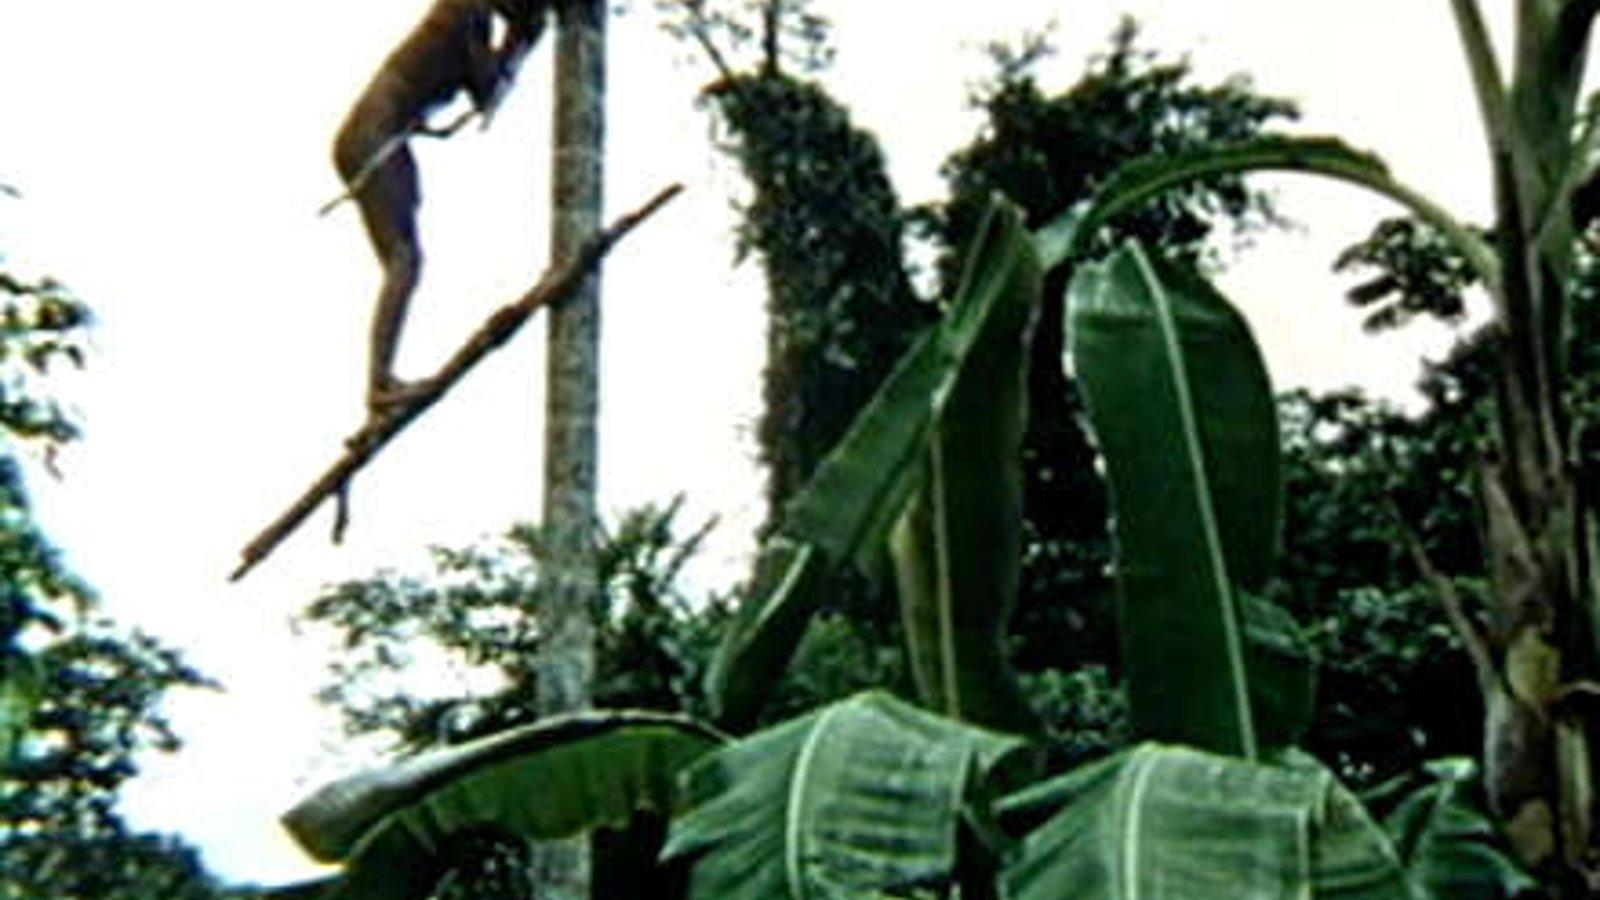 Climbing the Peach Palm